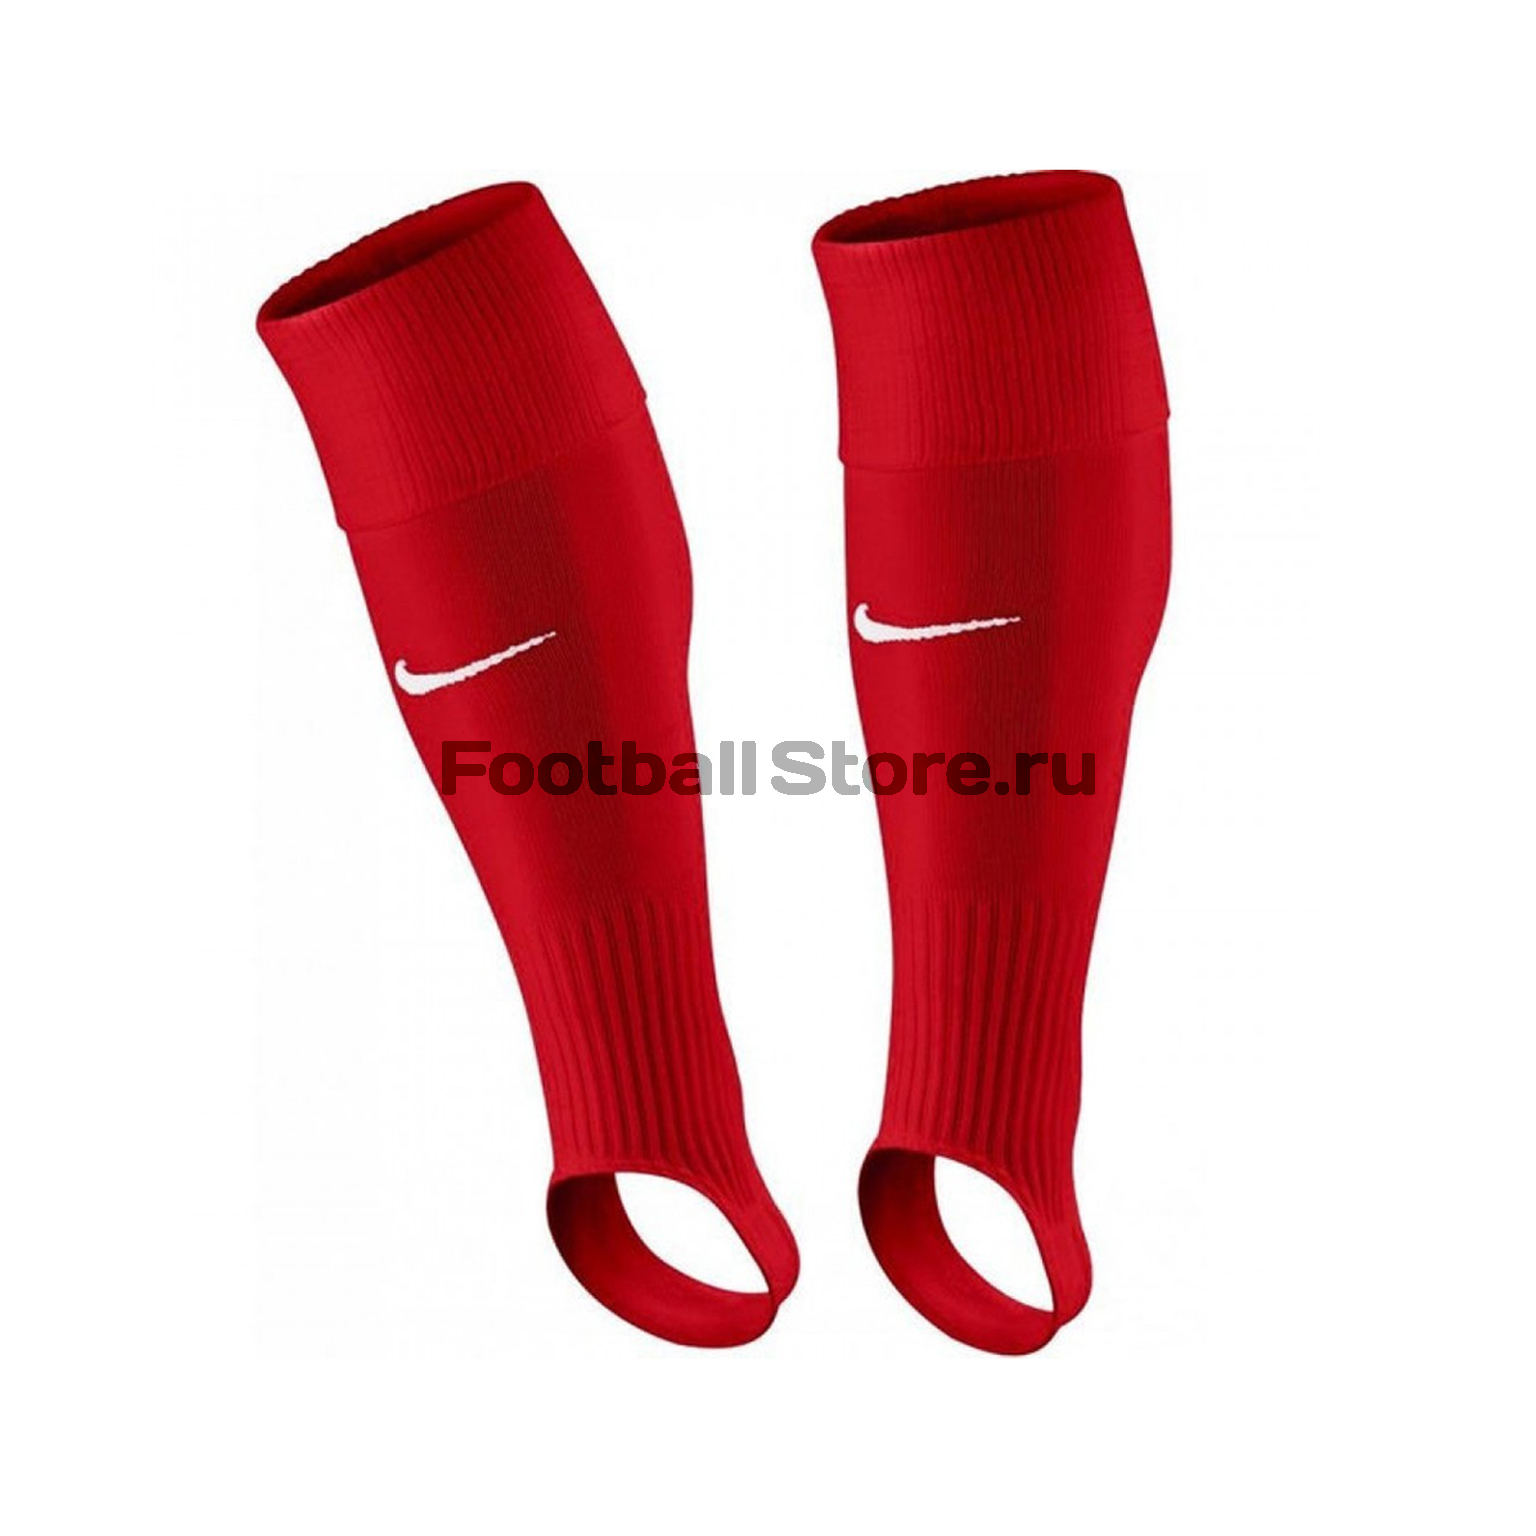 Гетры Nike U NK Perf Sleeve-Strp Tem SX5731-657 гетры nike u nk perf sleeve strp tem sx5731 739